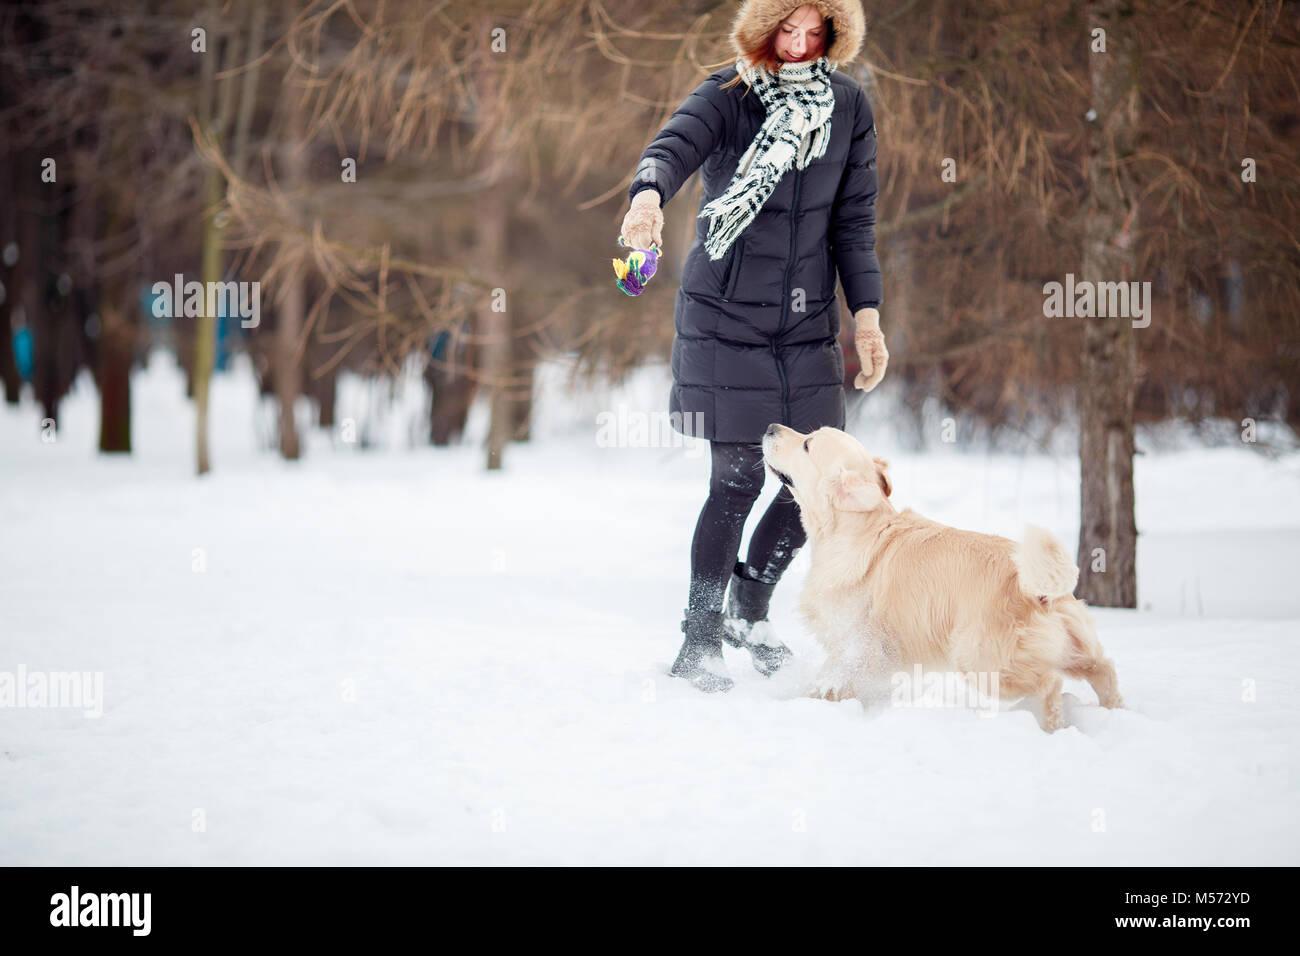 Imagen de mujer jugando con labrador en Parque Nevado Foto de stock